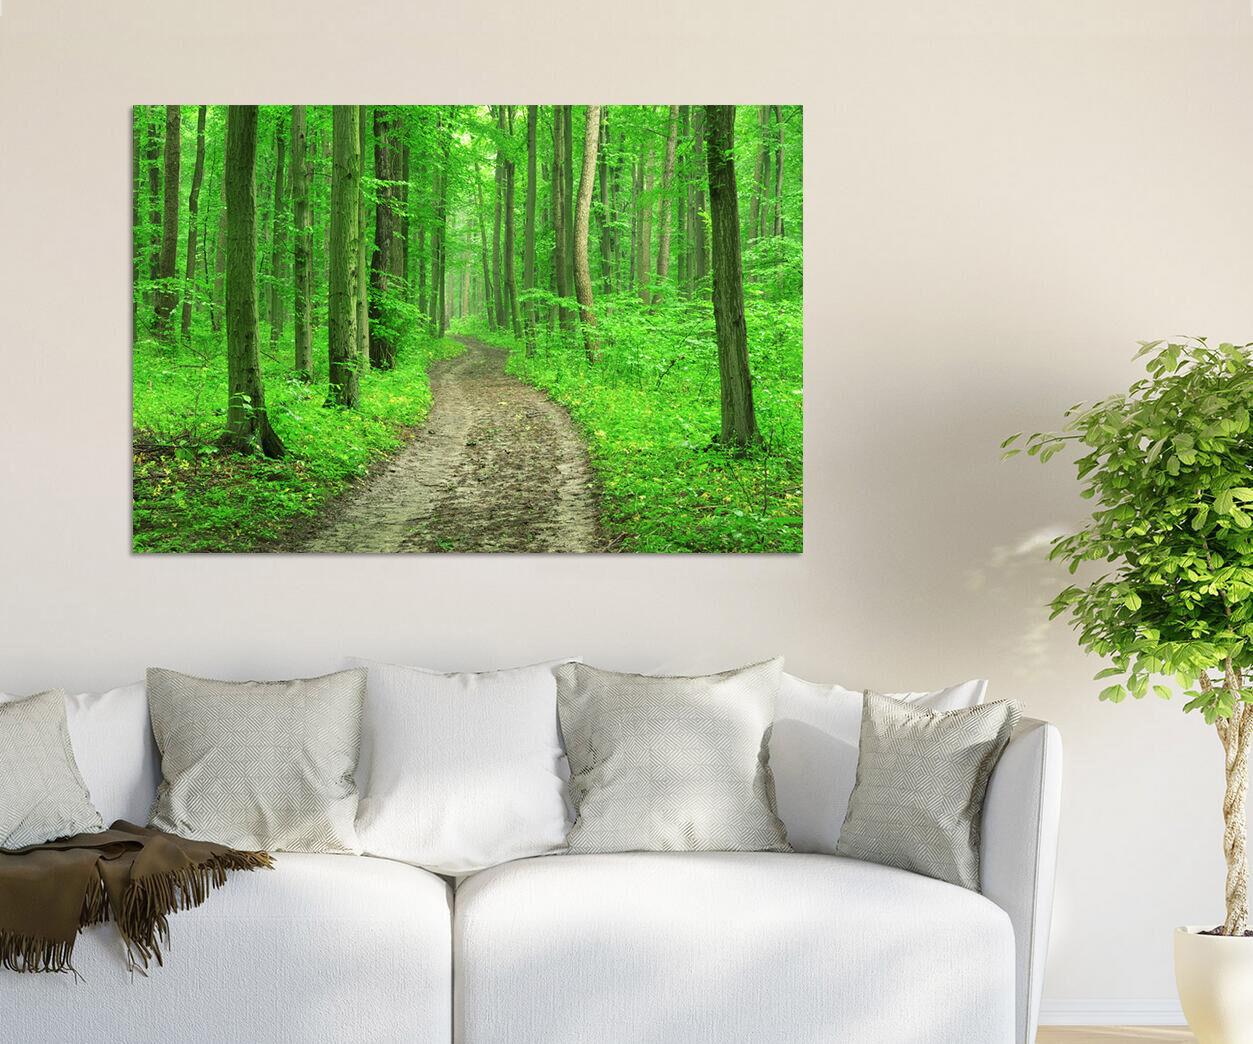 3D Grün Wald Natur Landschaft 7 Fototapeten Wandbild BildTapete AJSTORE DE Lemon